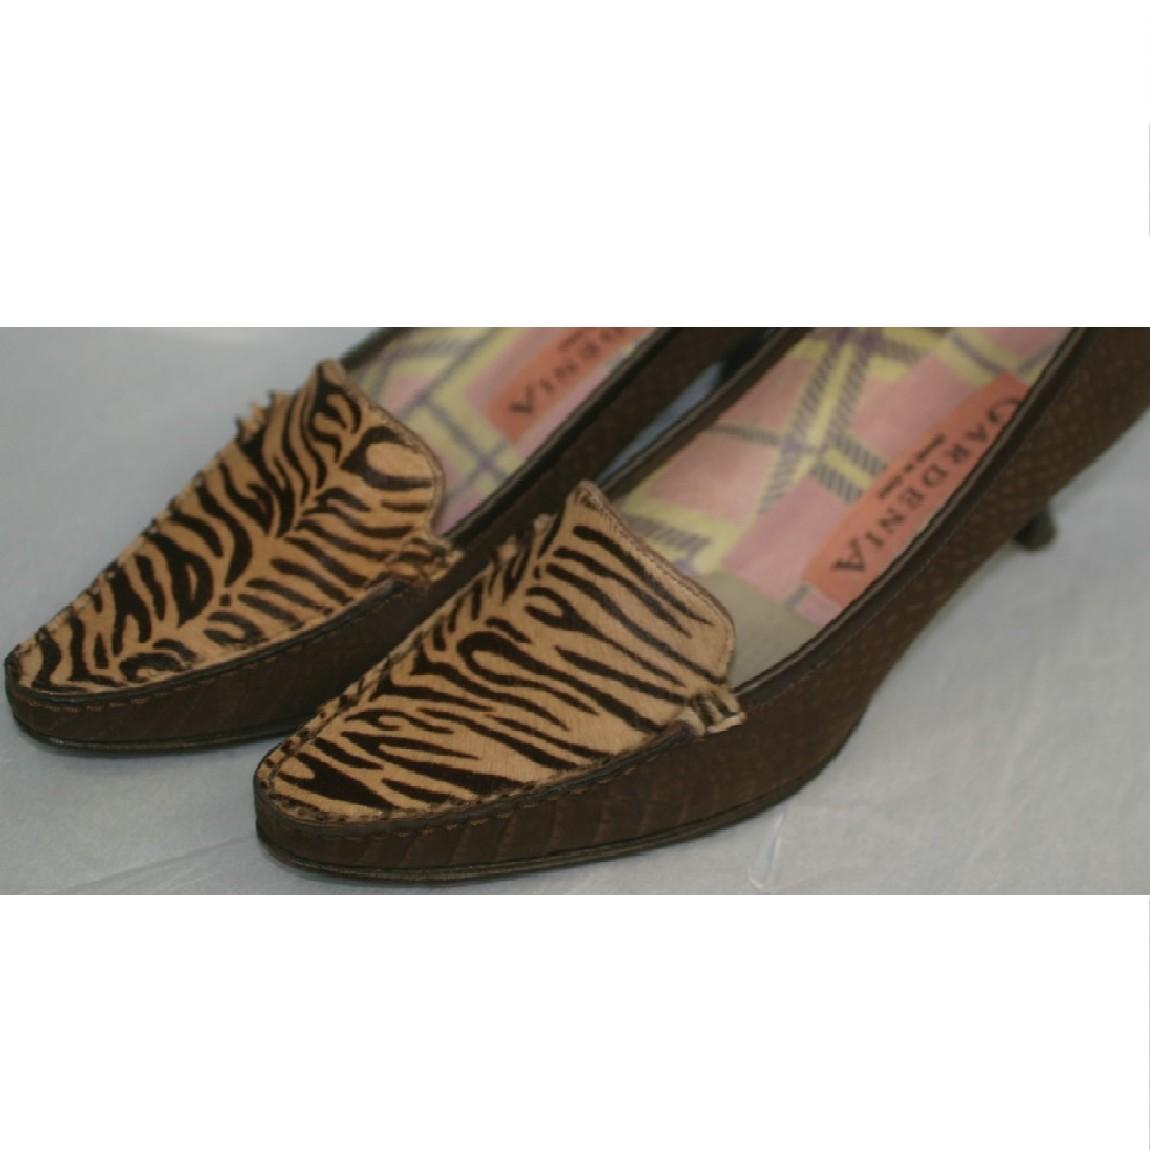 【中古】本物綺麗ガーデニアイタリー製女性用豹柄ハラコ素材x蛇革模様型押し靴 〇D10-105